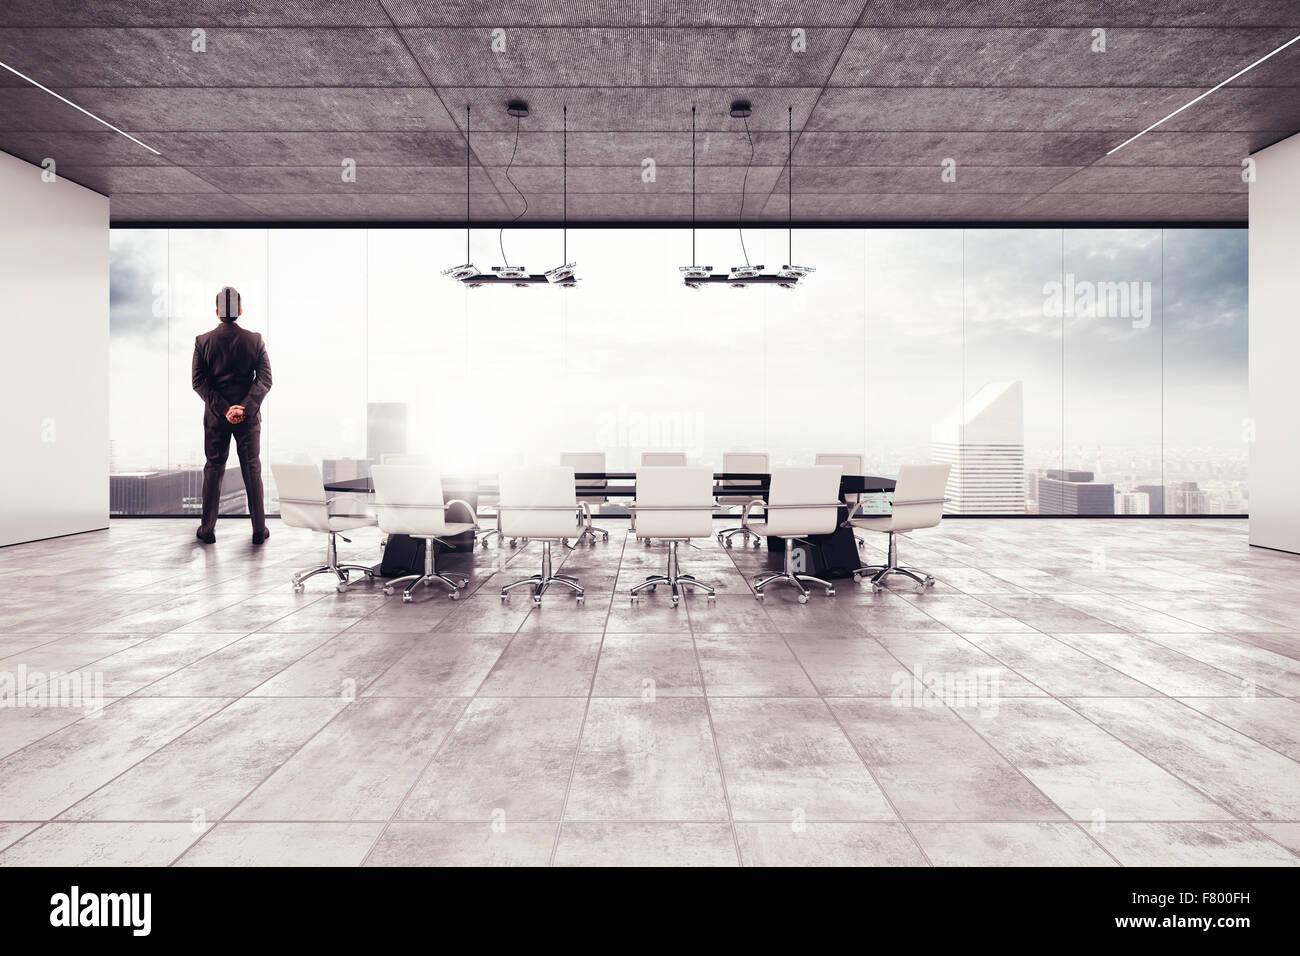 Erfolgreicher Geschäftsmann in einem Besprechungsraum Stockbild